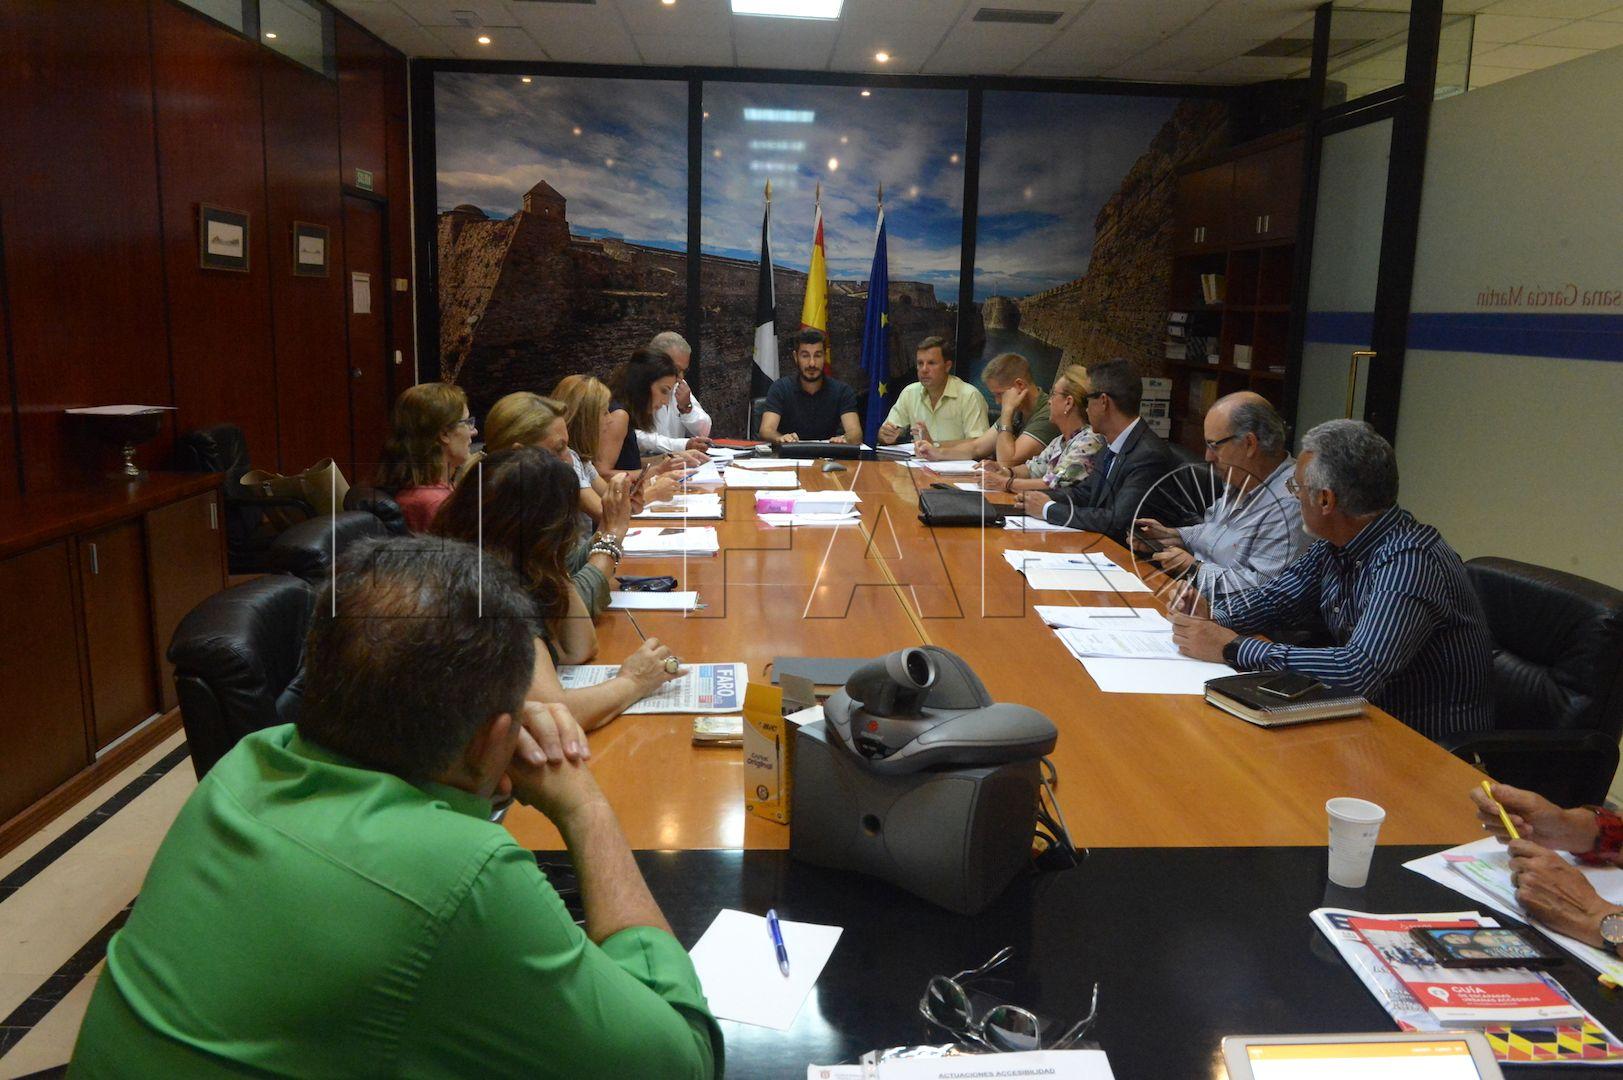 M s control al uso irregular de tarjetas de aparcamiento for Educacion exterior marruecos